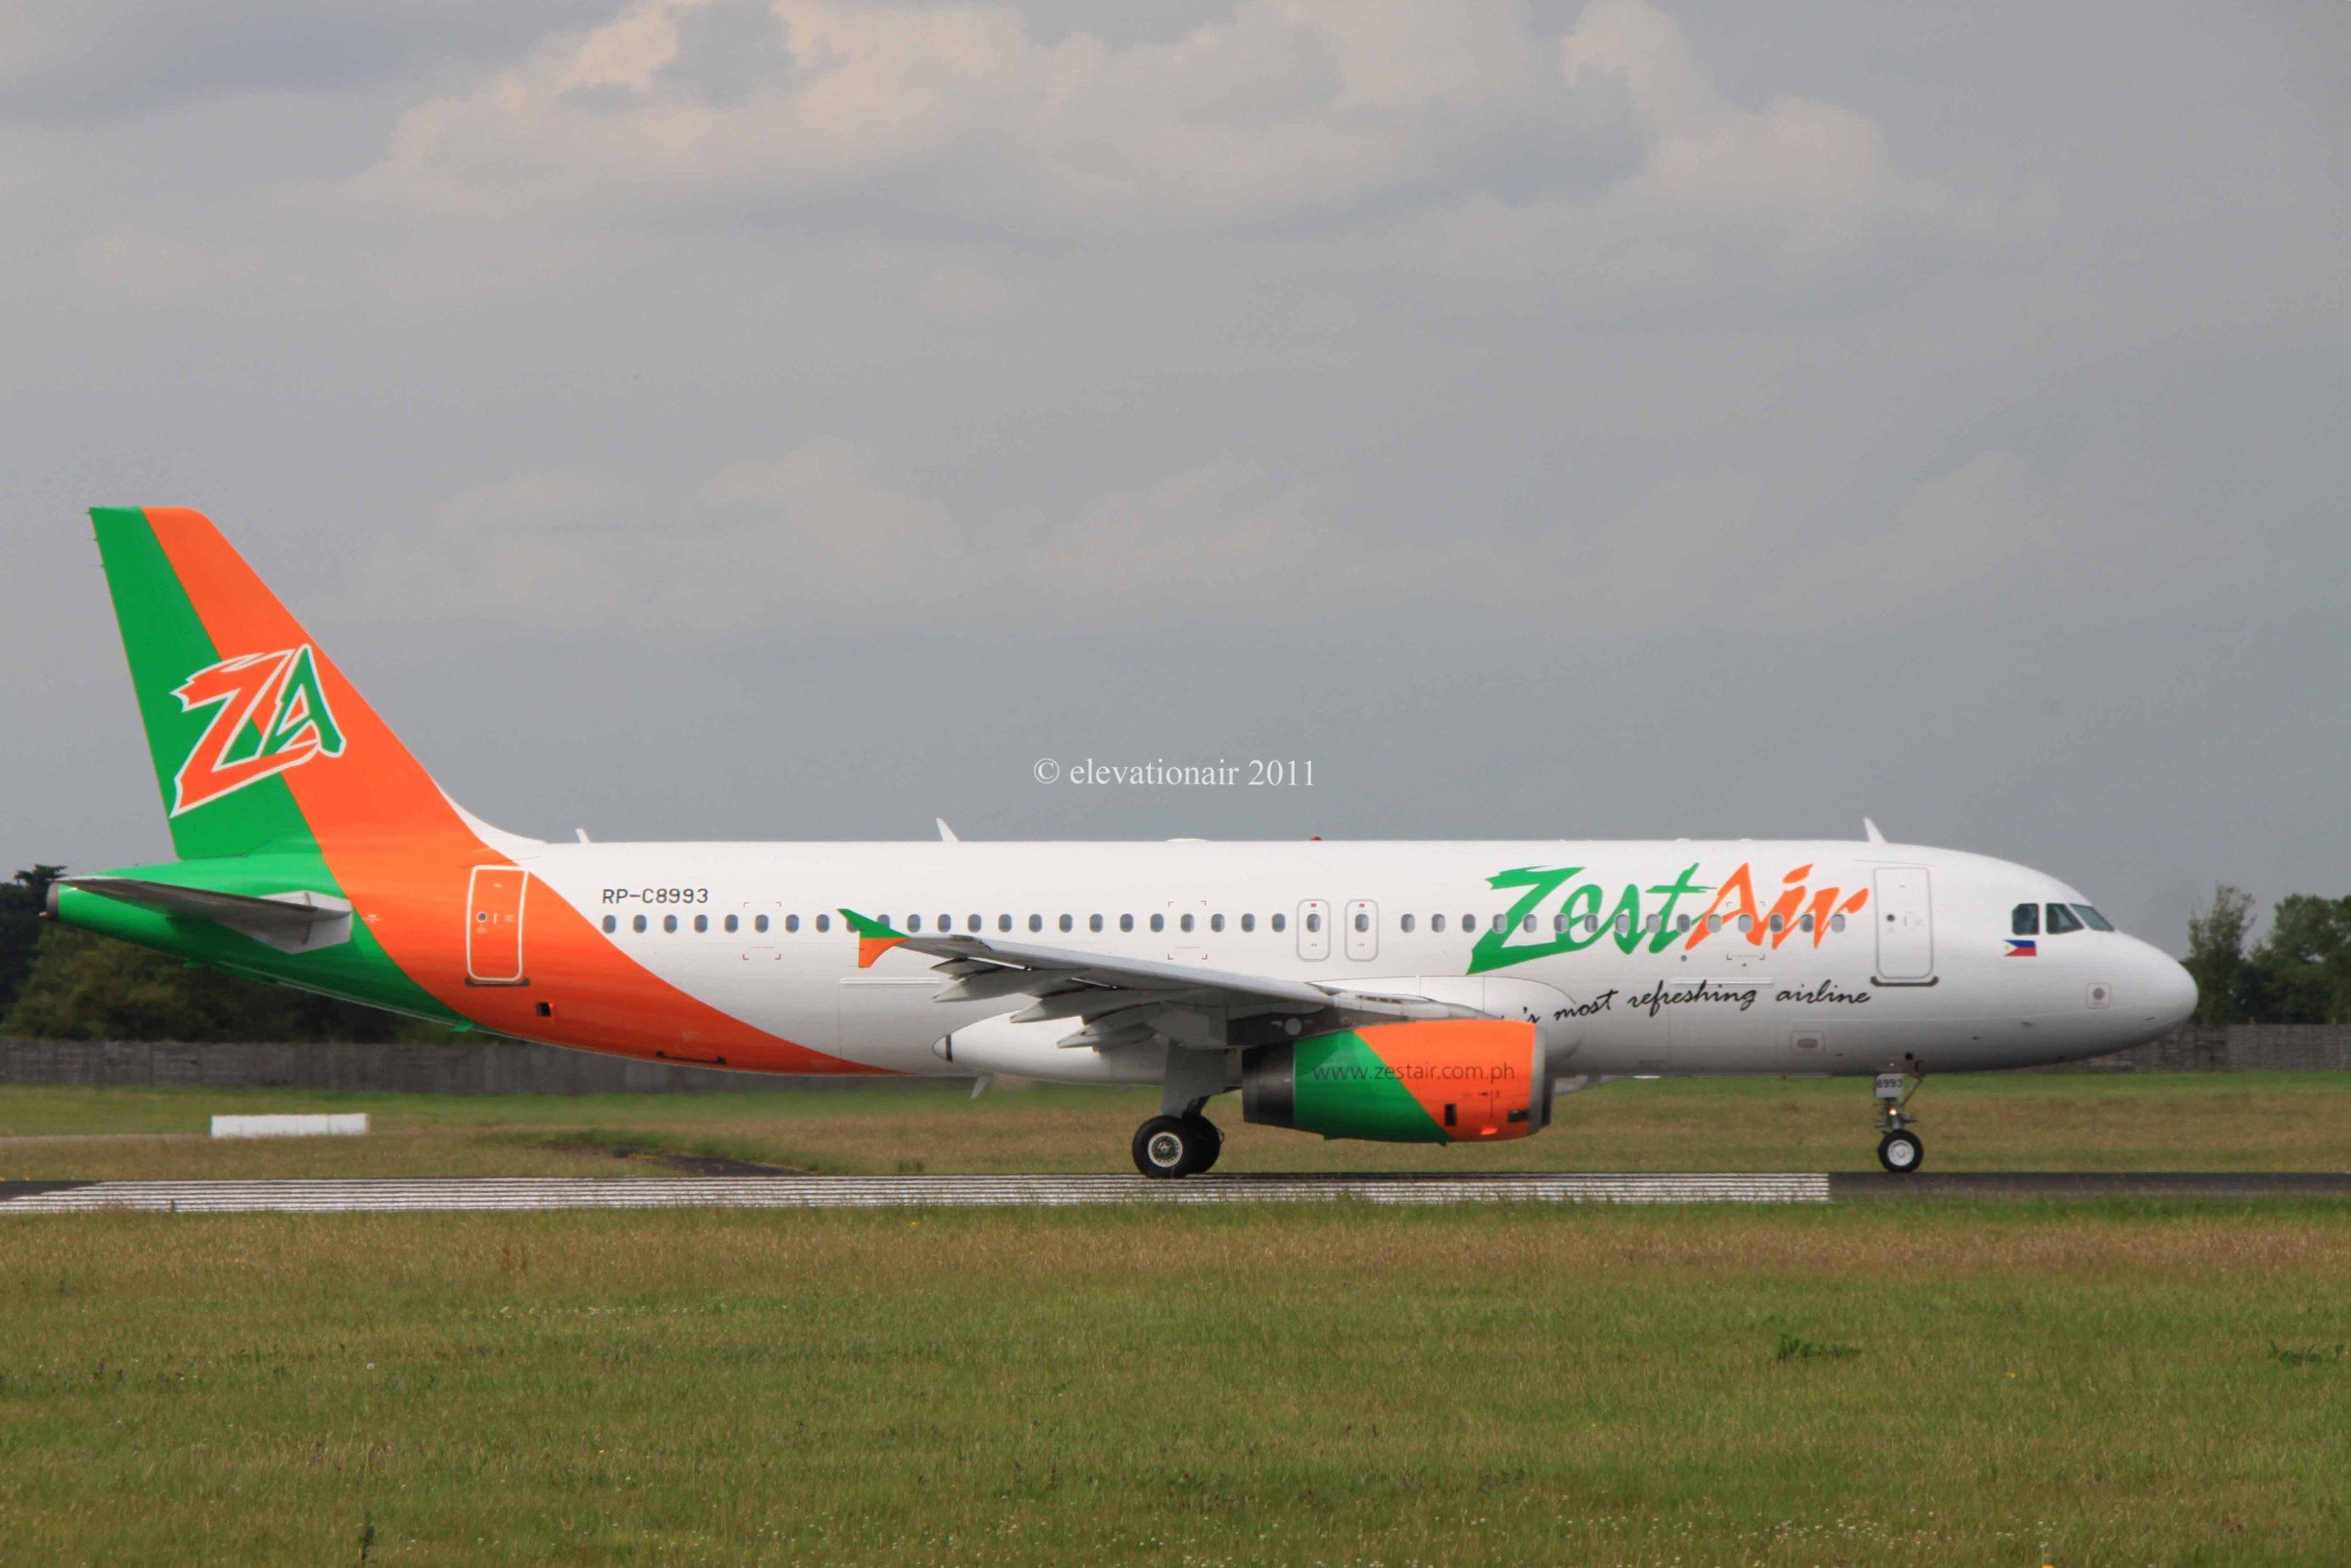 RP-C8993 Zest Airways Airbus A320-232